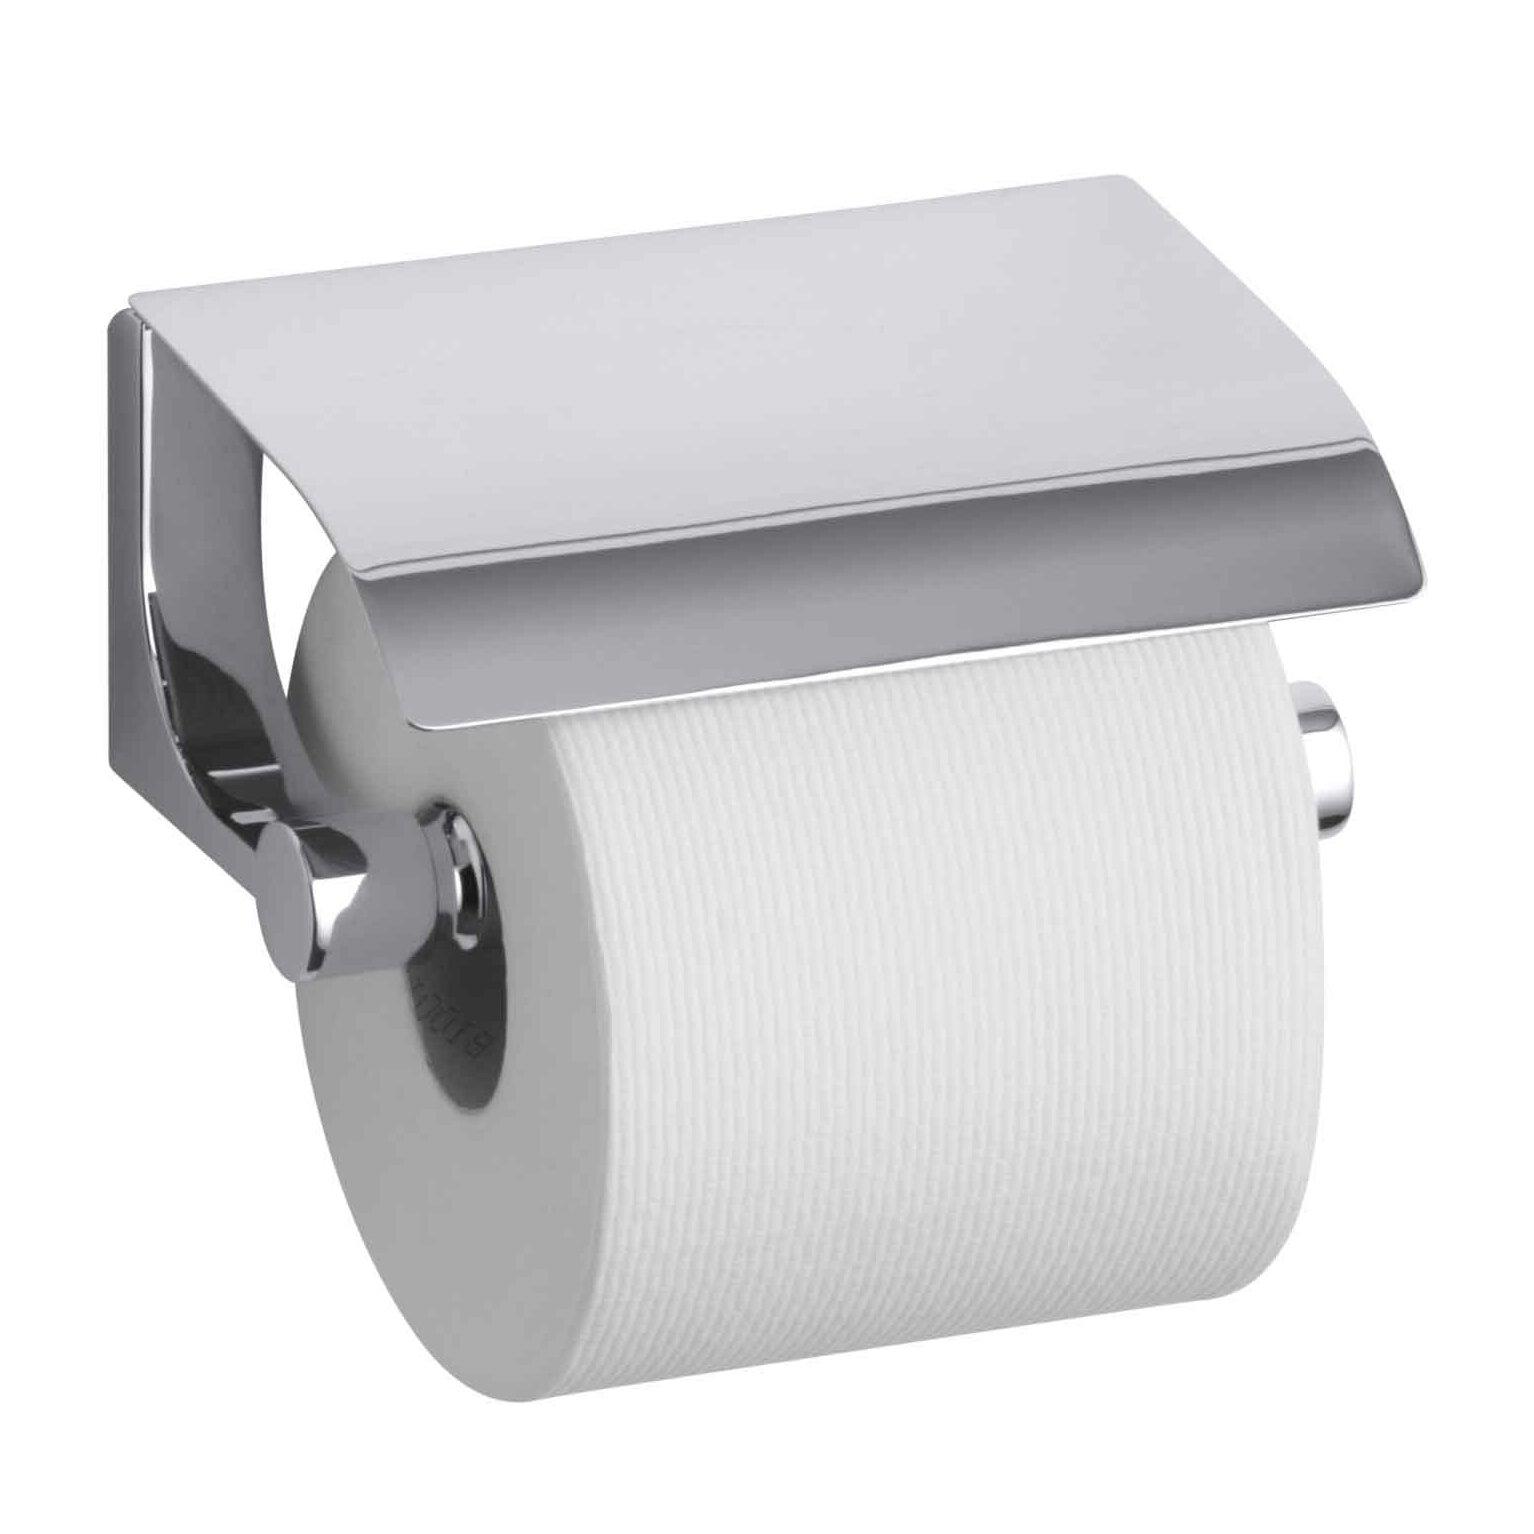 Kohler Loure Covered Horizontal Toilet Tissue Holder. Kohler Loure Covered Horizontal Toilet Tissue Holder   Reviews